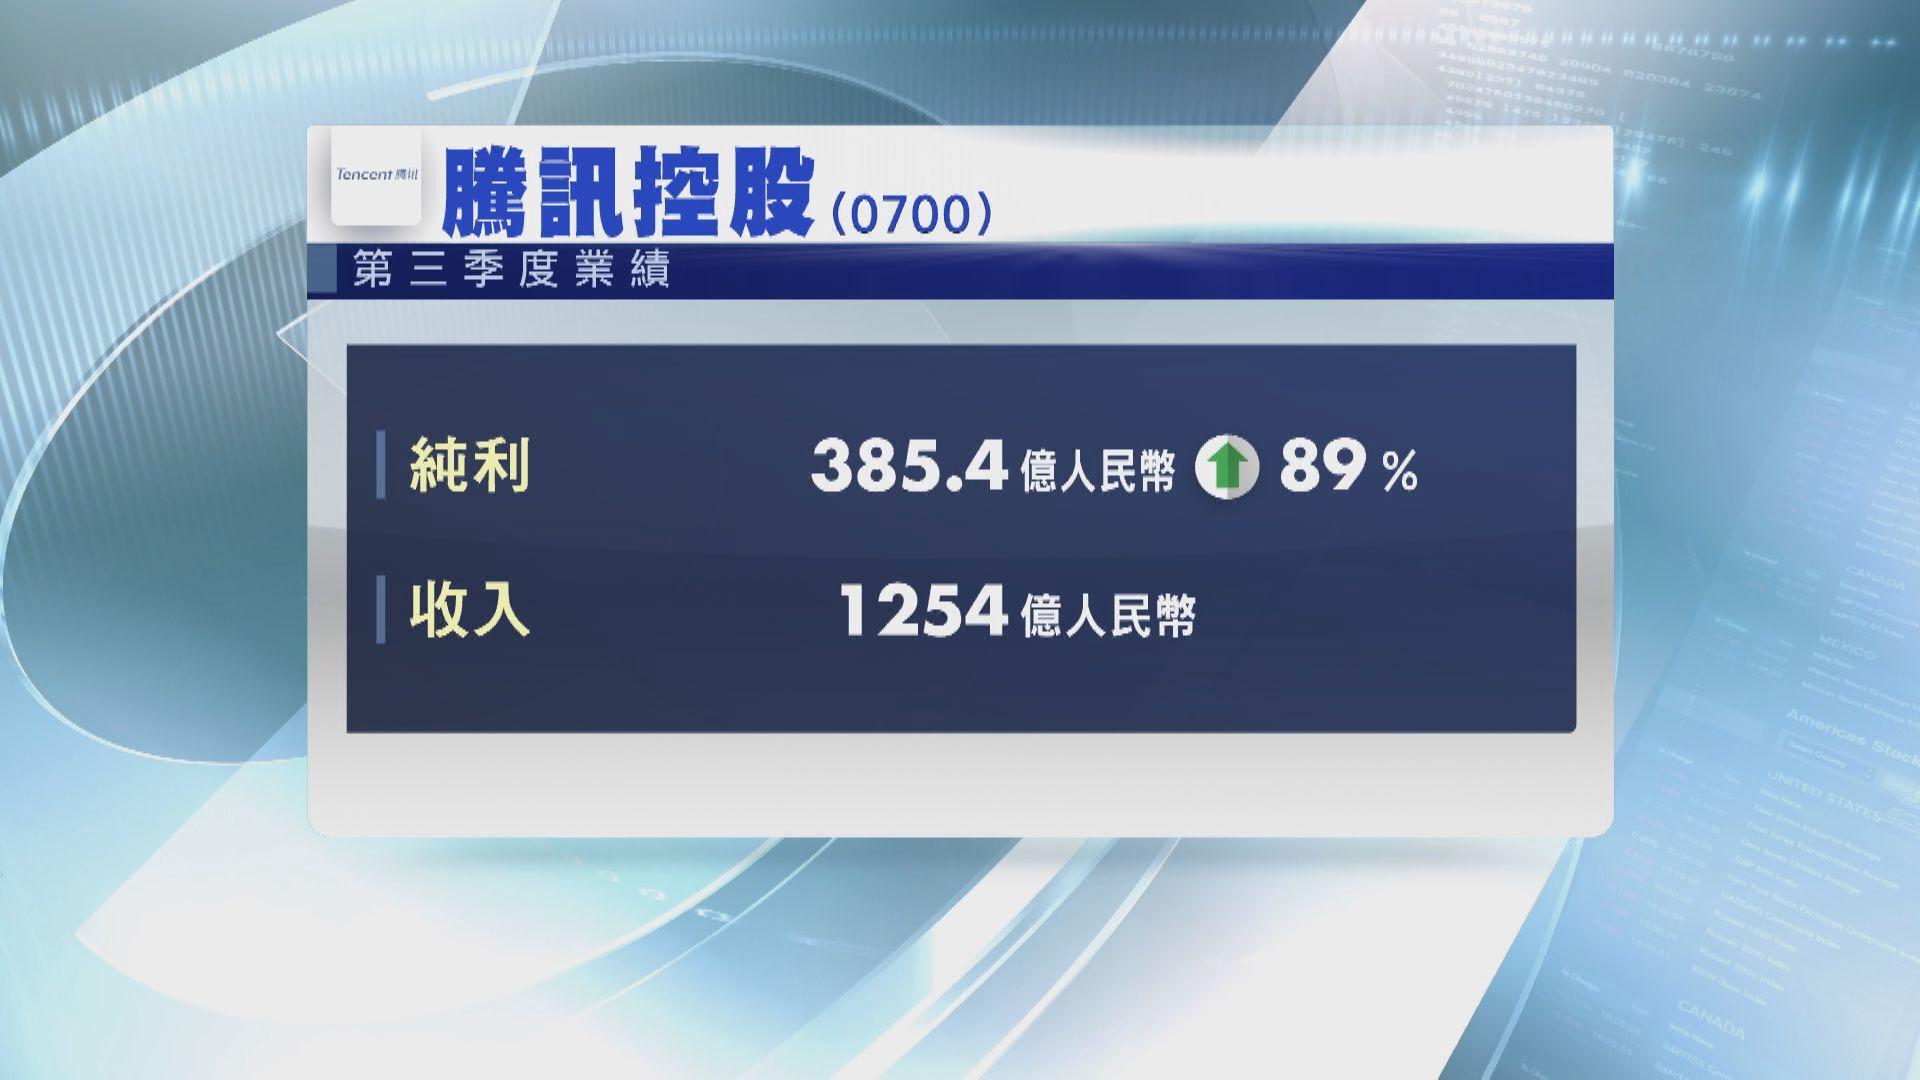 騰訊第三季多賺近90% 網遊收入增45%